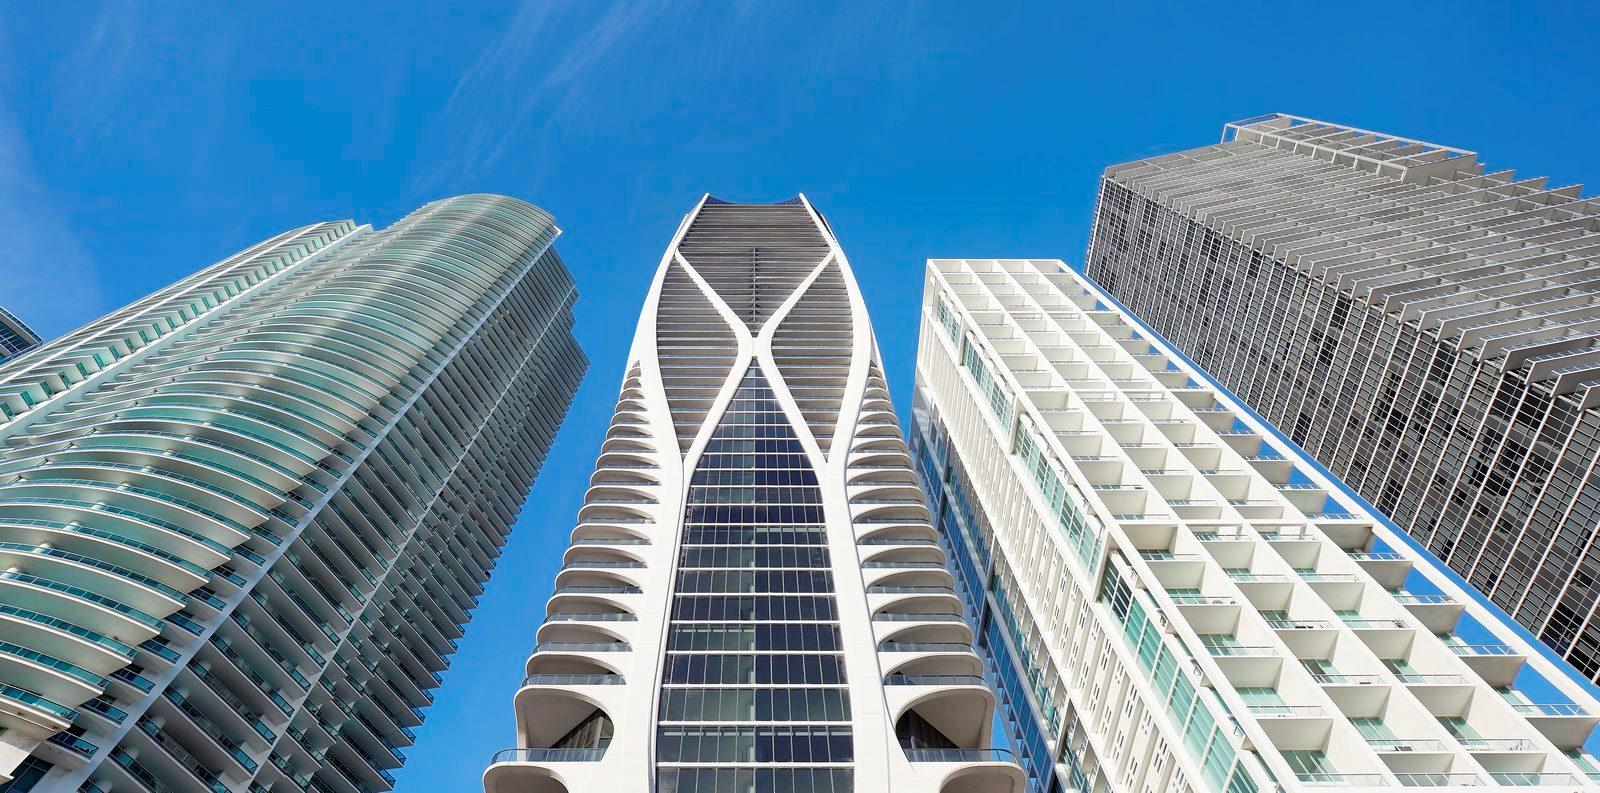 Fluidez entre arquitectura e ingeniería en las curvas de One Thousand Museum 29